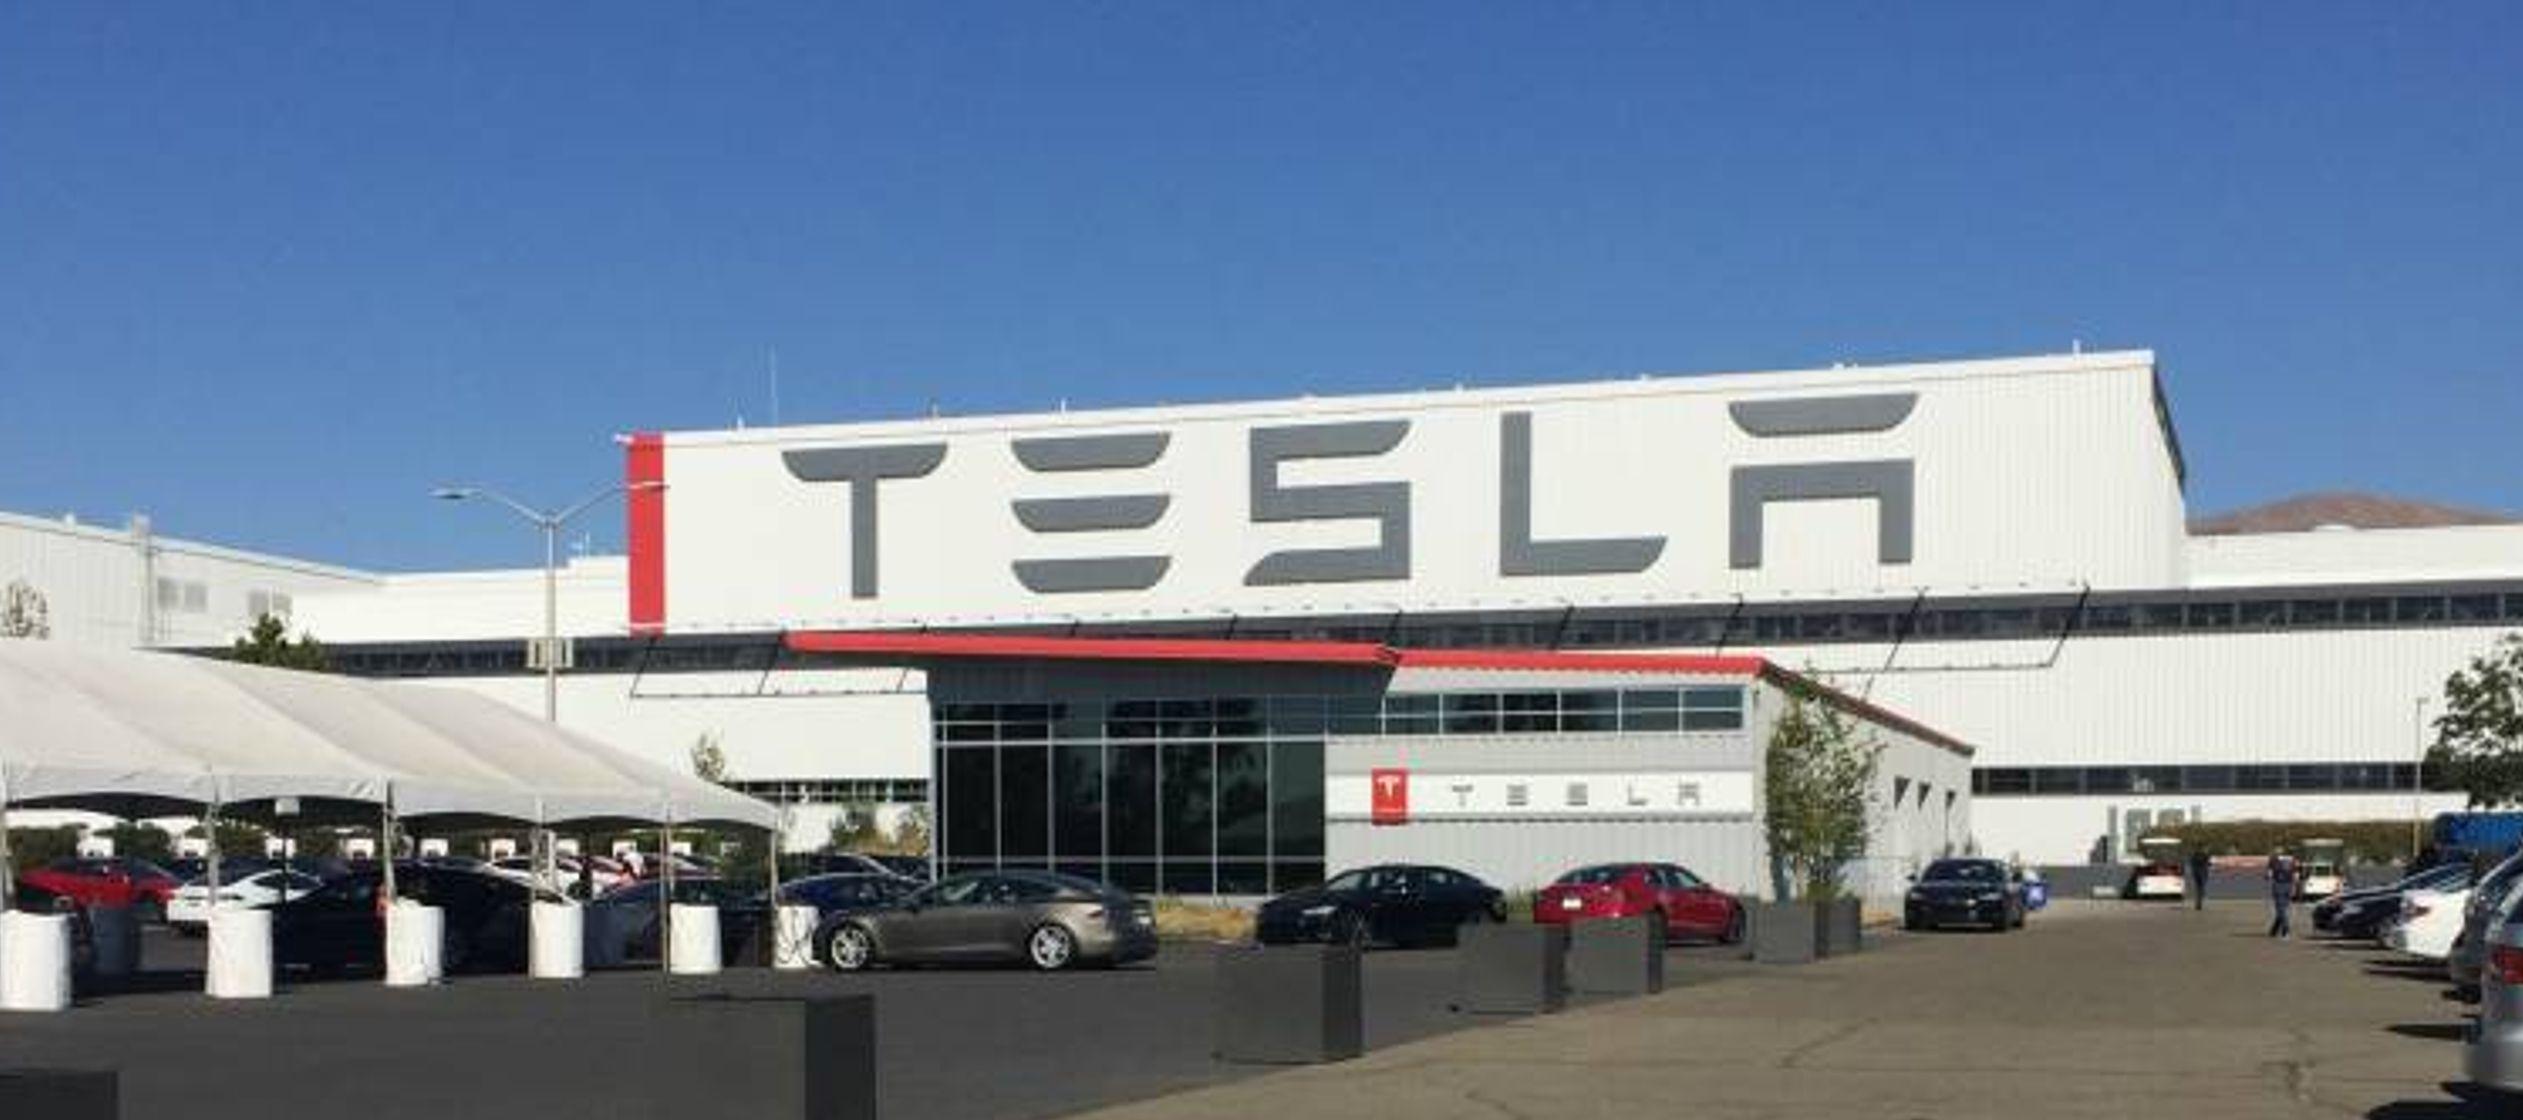 Un portavoz de Tesla confirmó a Efe que la construcción de la planta, denominada...